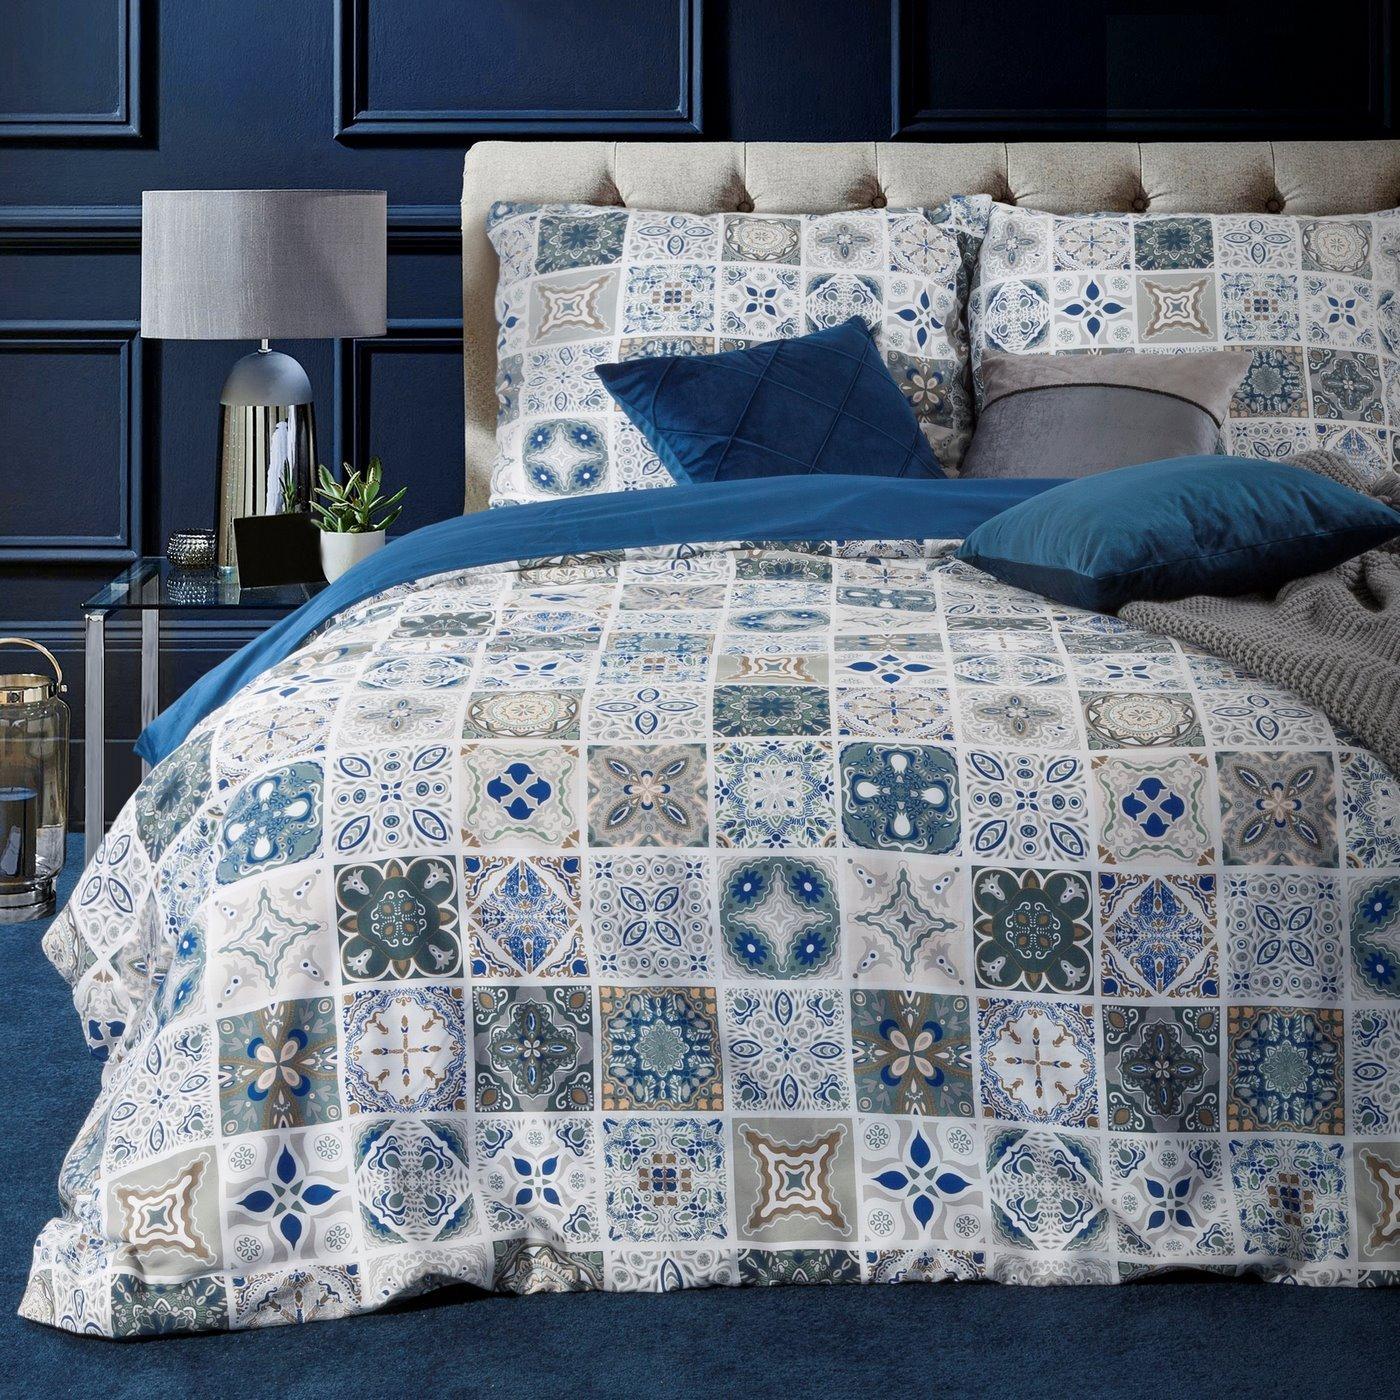 Komplet pościeli satynowej 160 x 200 cm, 2szt. 70 x 80 cm, biała niebieska, azul